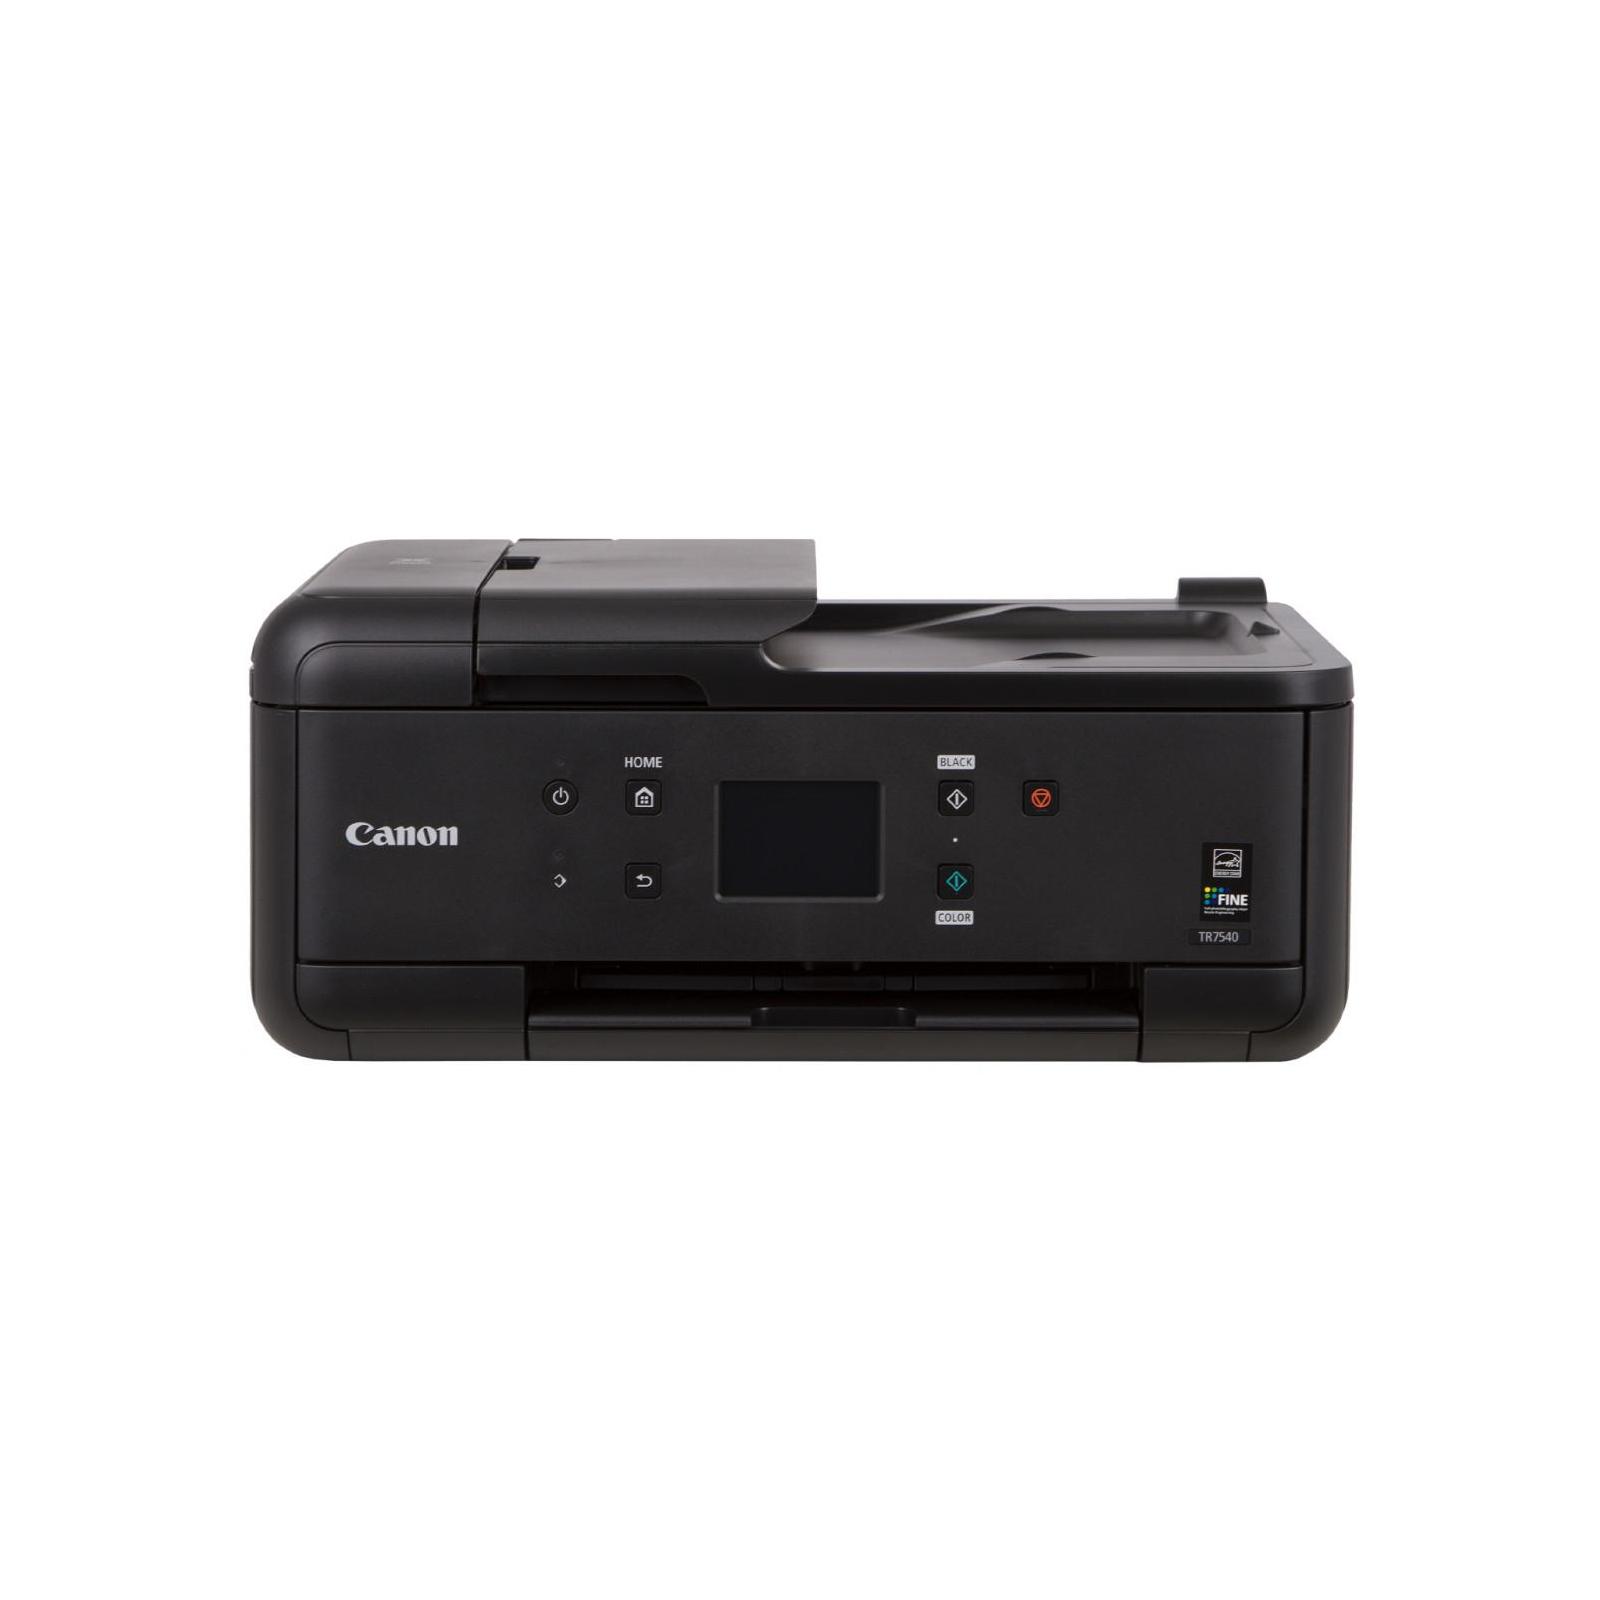 Многофункциональное устройство Canon PIXMA TR7540 BLACK (2232C007) изображение 2